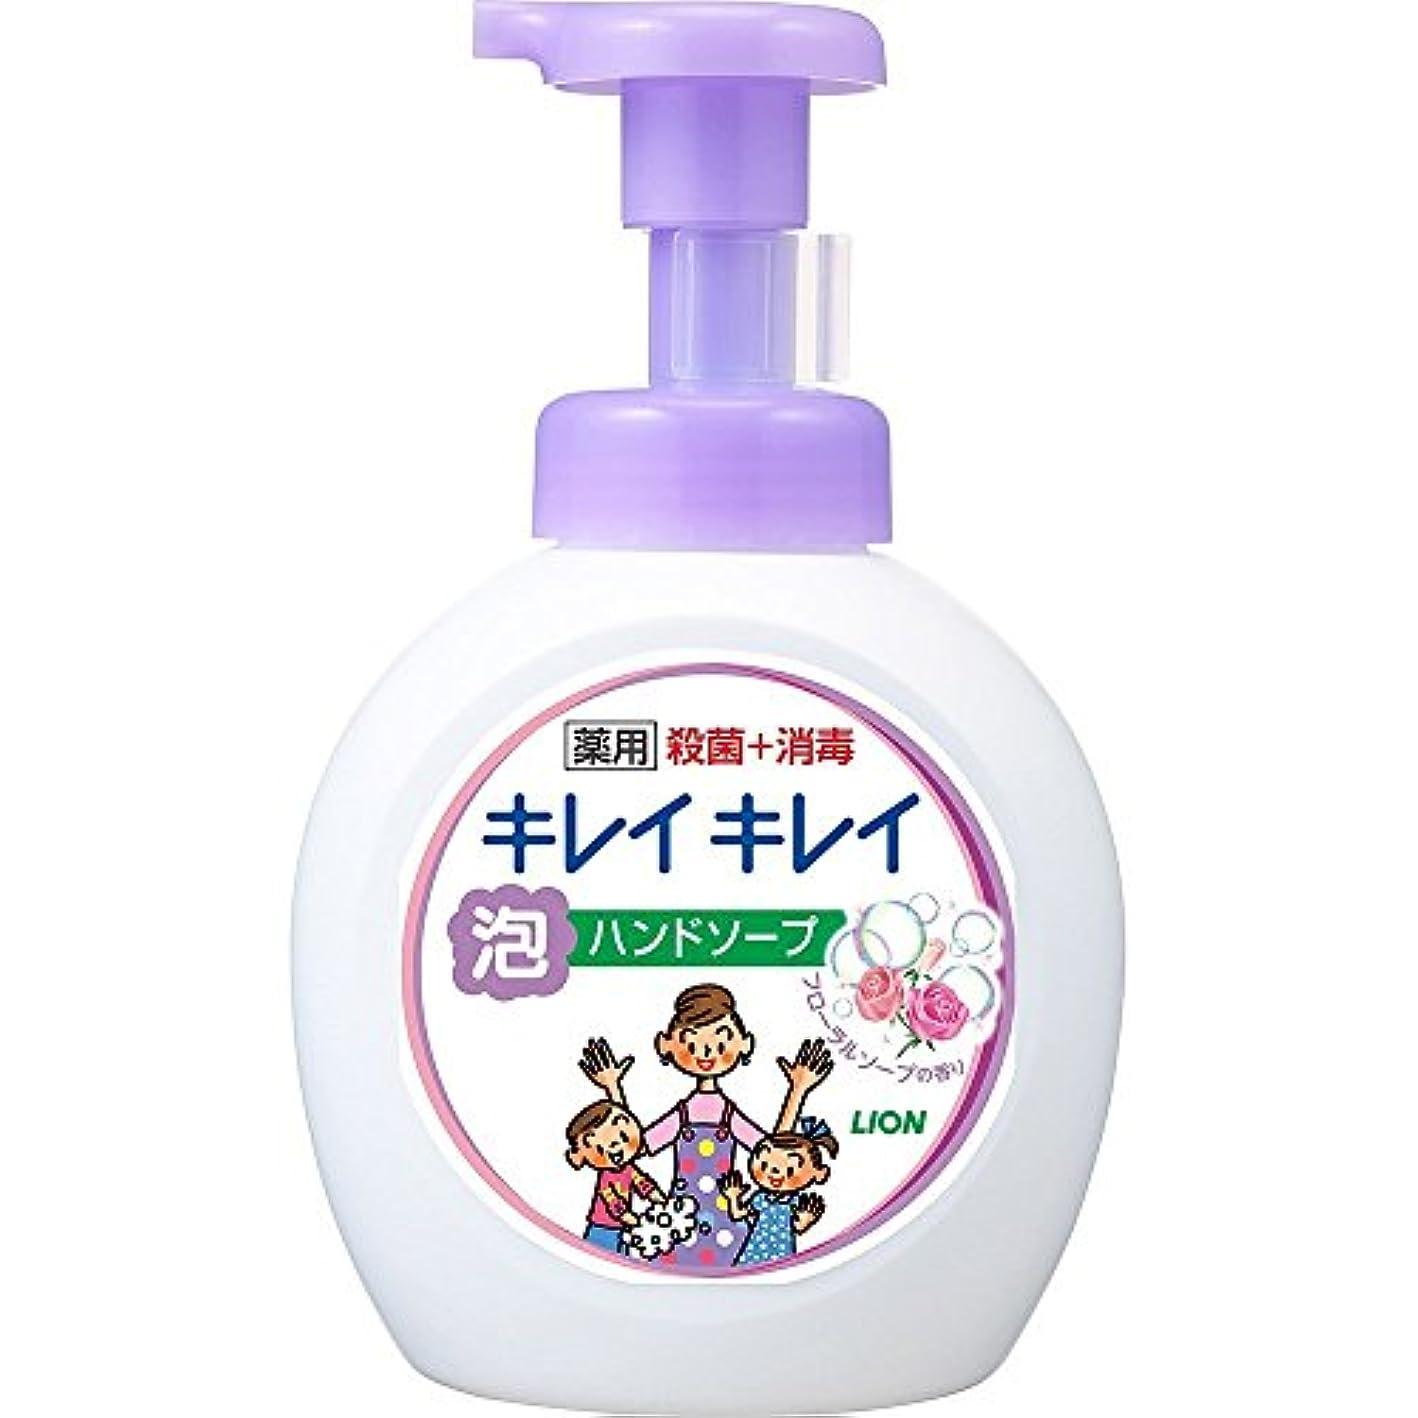 不一致ピューパンフレットキレイキレイ 薬用 泡ハンドソープ フローラルソープの香り 本体ポンプ 大型サイズ 500ml(医薬部外品)